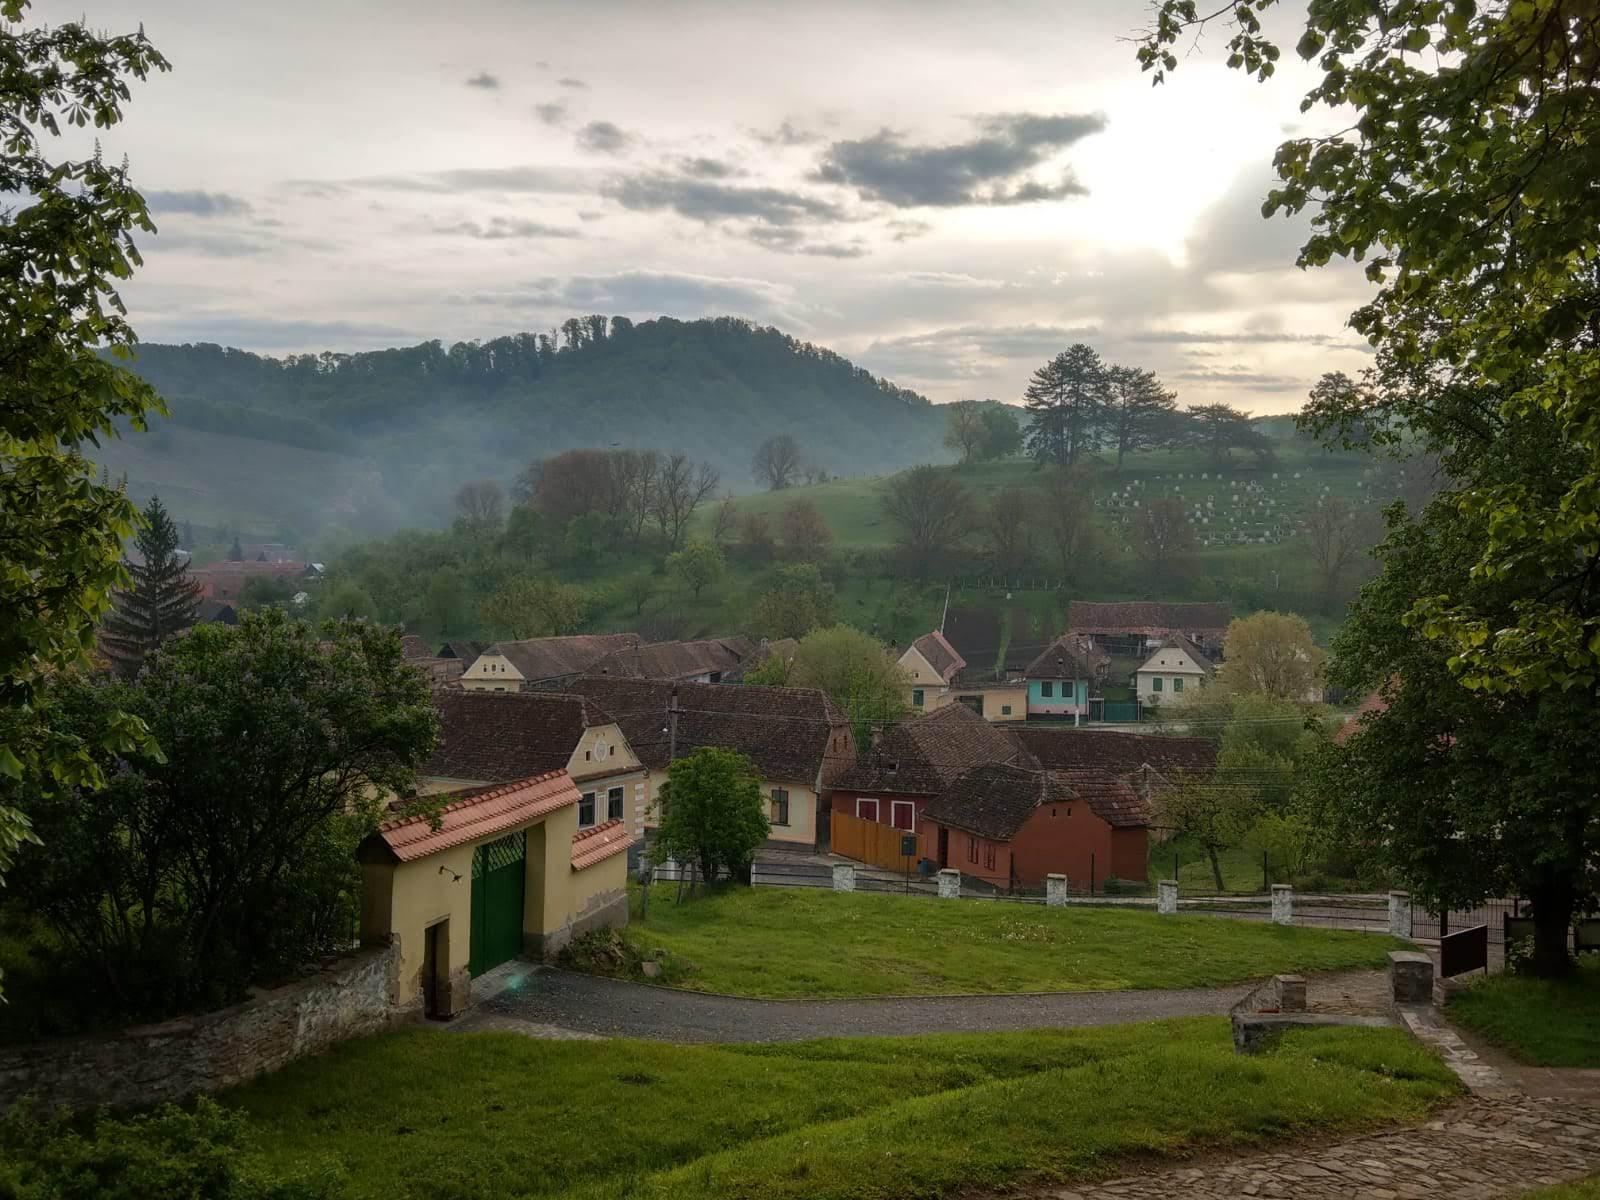 Pe bicicleta in Transilvania - peisaj rural